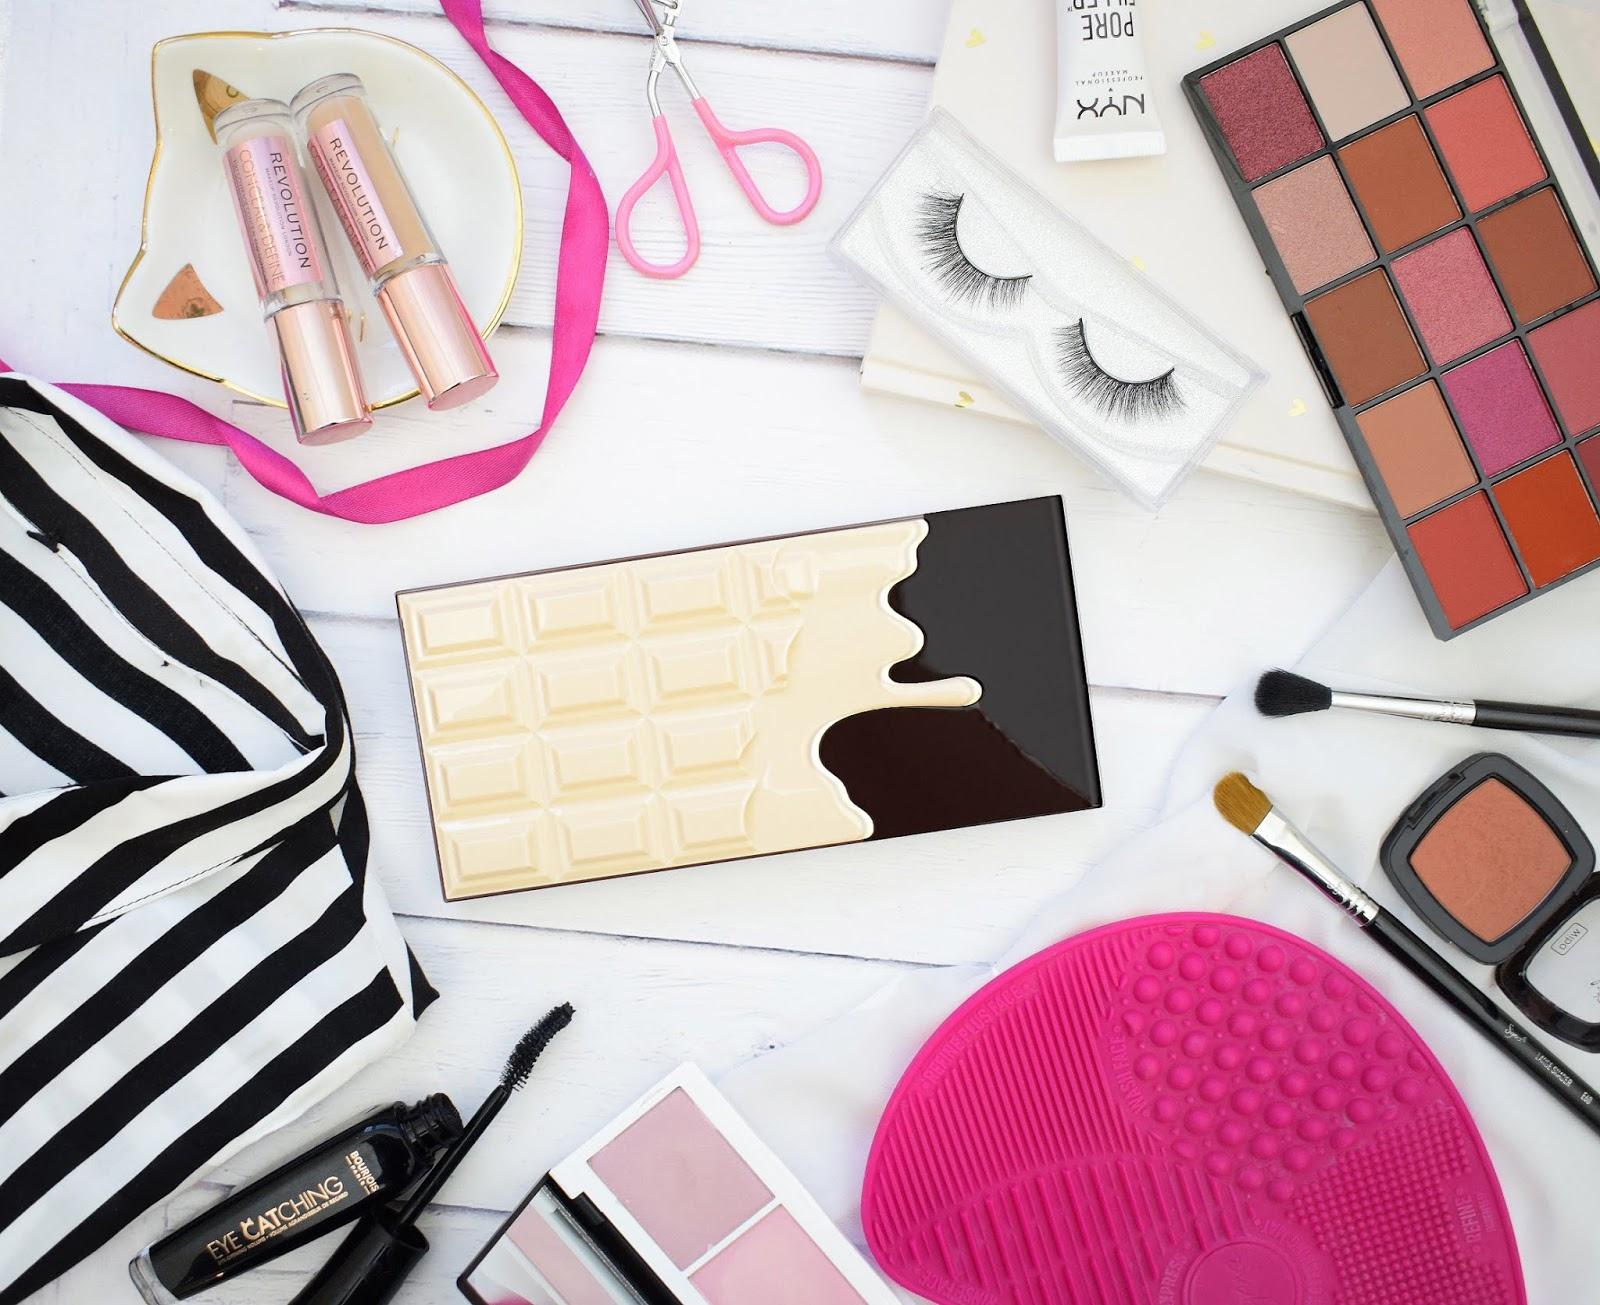 Nowa Czekoladka Z Zupelnie Nowym Wnetrzem I Heart Revolution Nudes Chocolate Palette - Inspirowana ABH Soft Glam ? + Makijaz